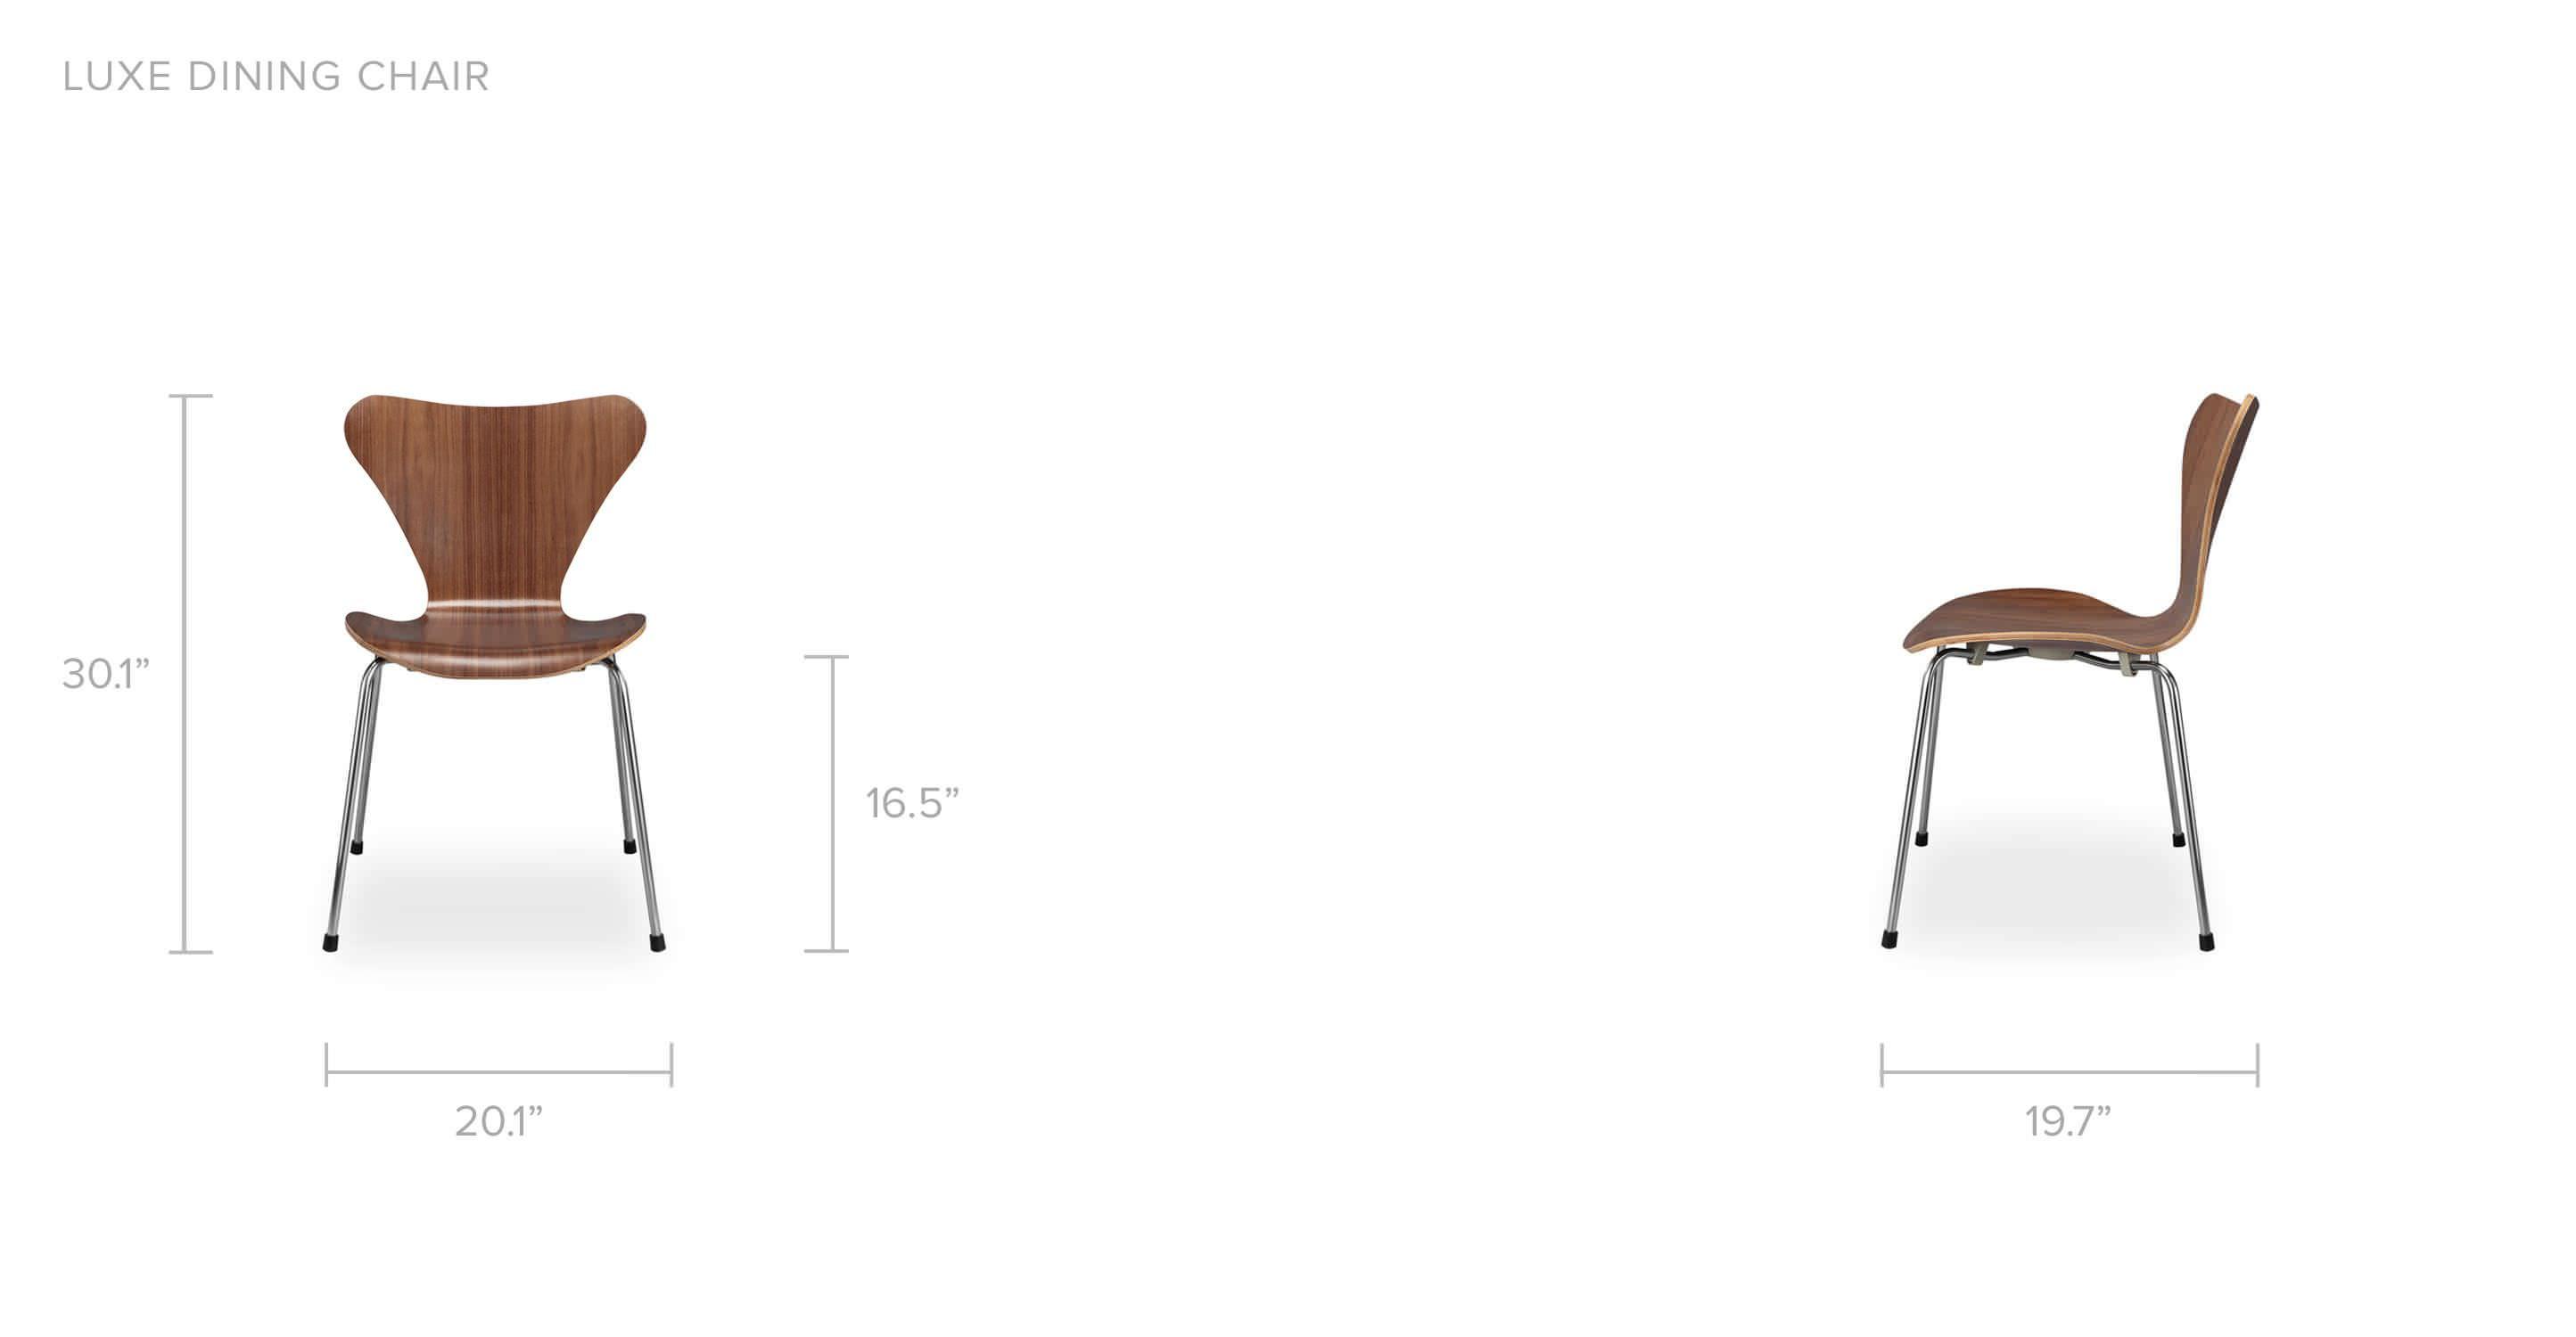 drawings-luxe-diningchair.jpg